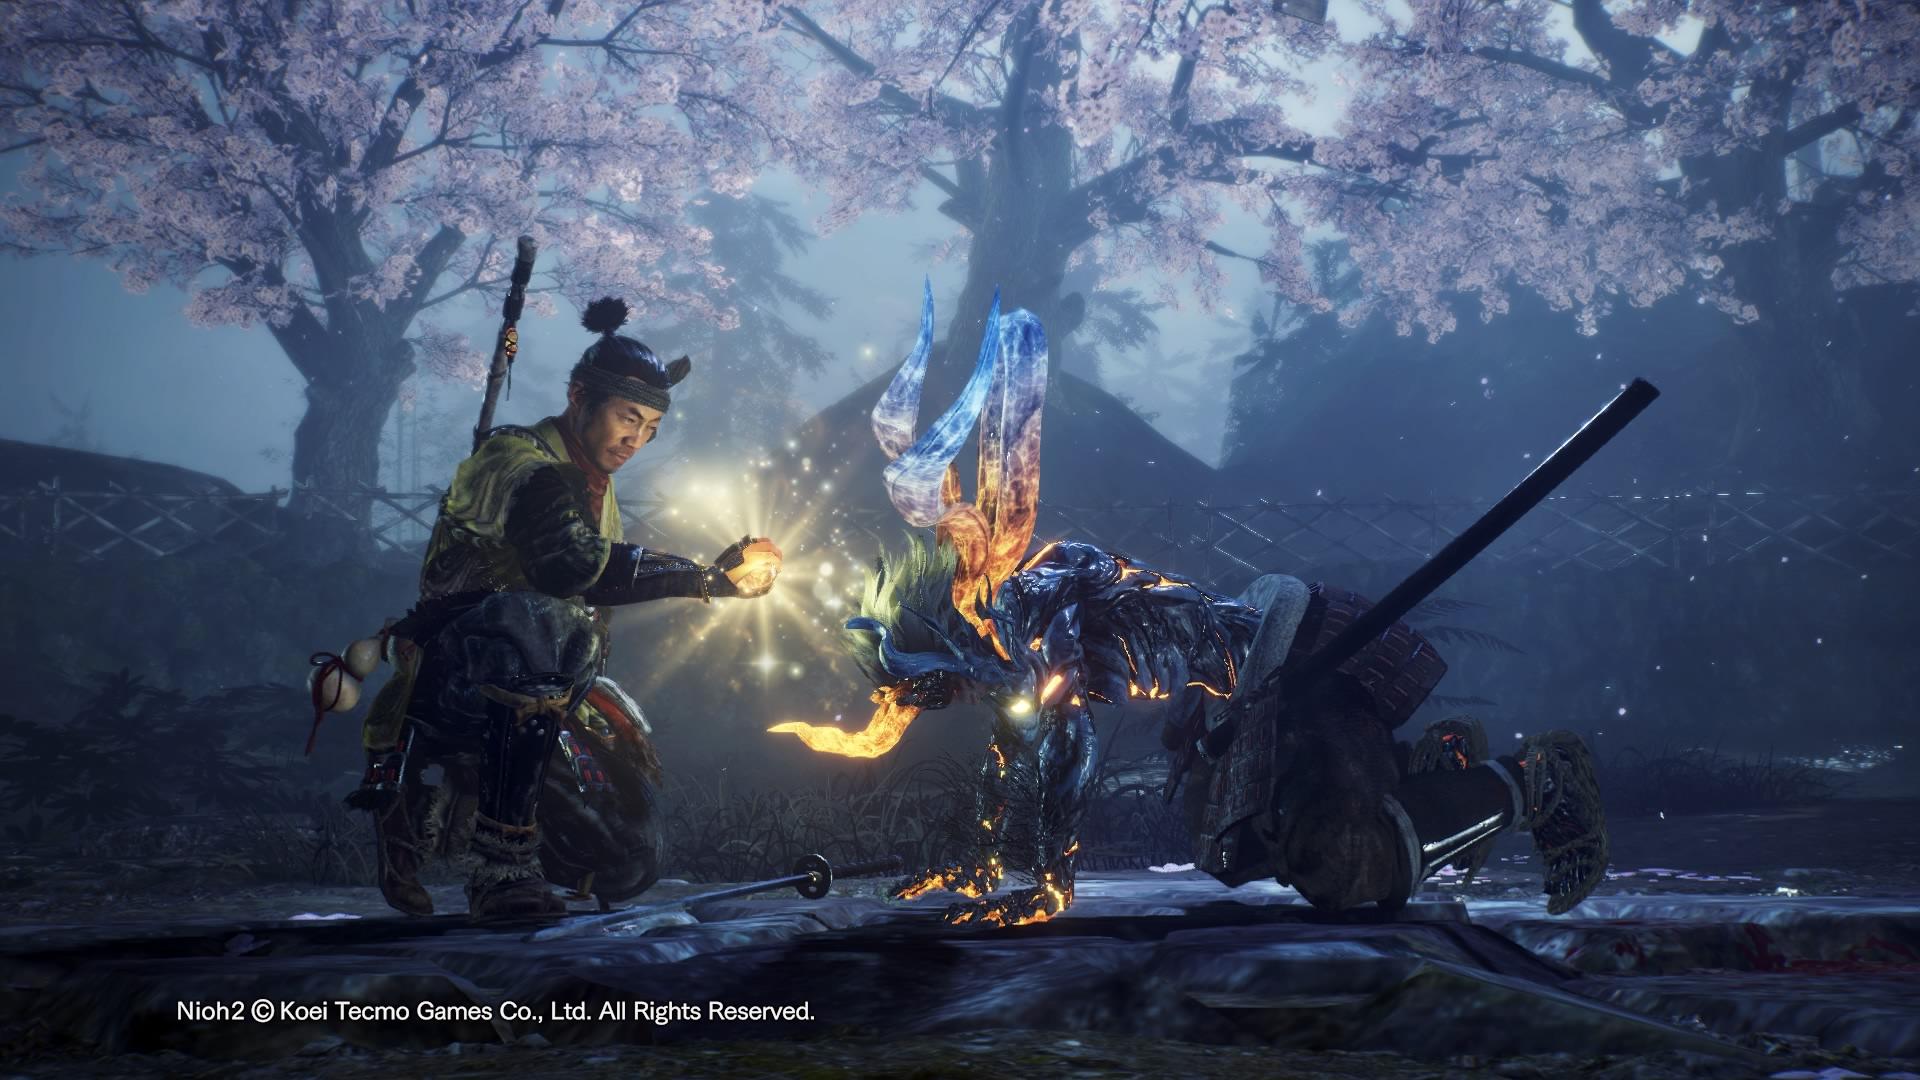 Recenzja gry NiOh 2 - więcej, lepiej, bardziej ninja 21